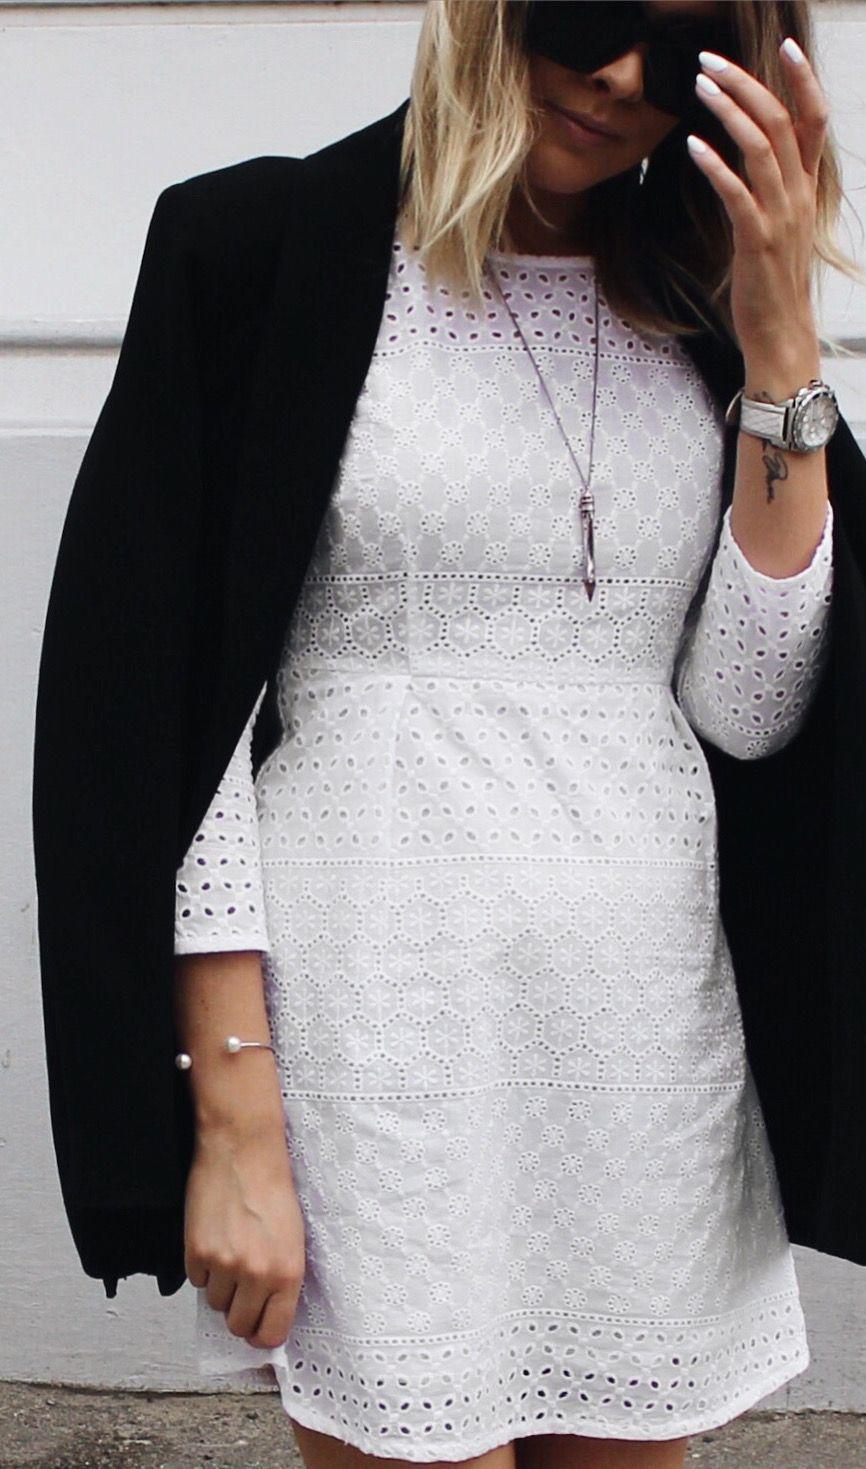 Ariana Kjole | Tøj, Hvid kjole, Kjole